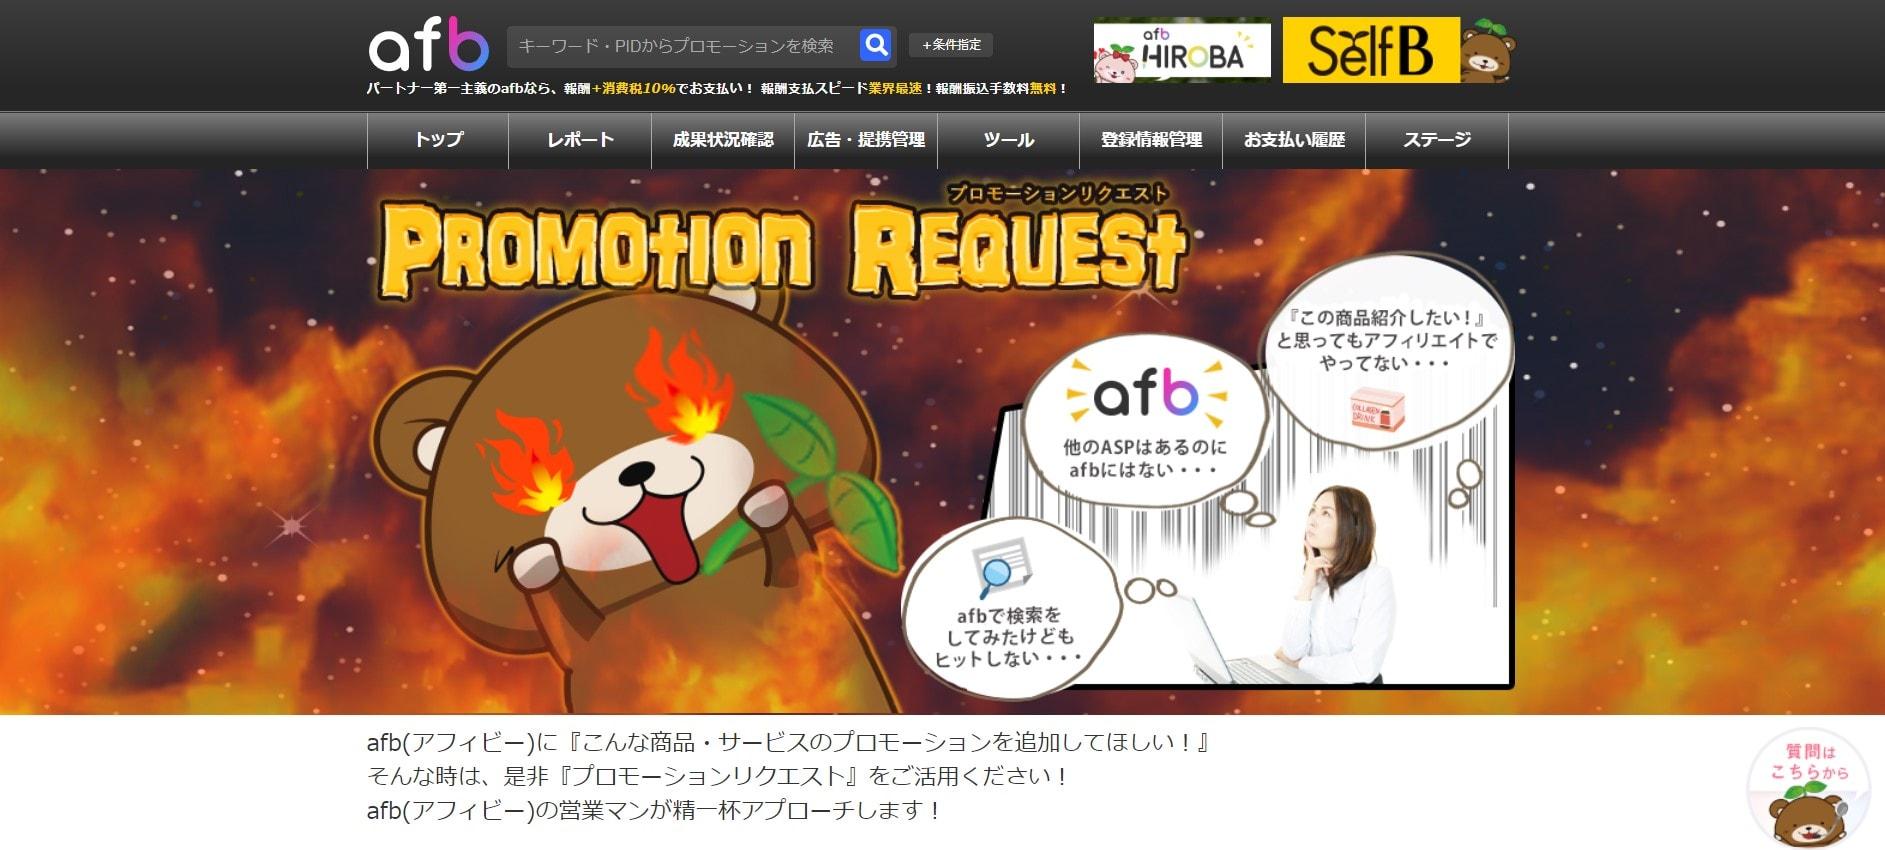 afb(アフィb)の広告リクエストの画像